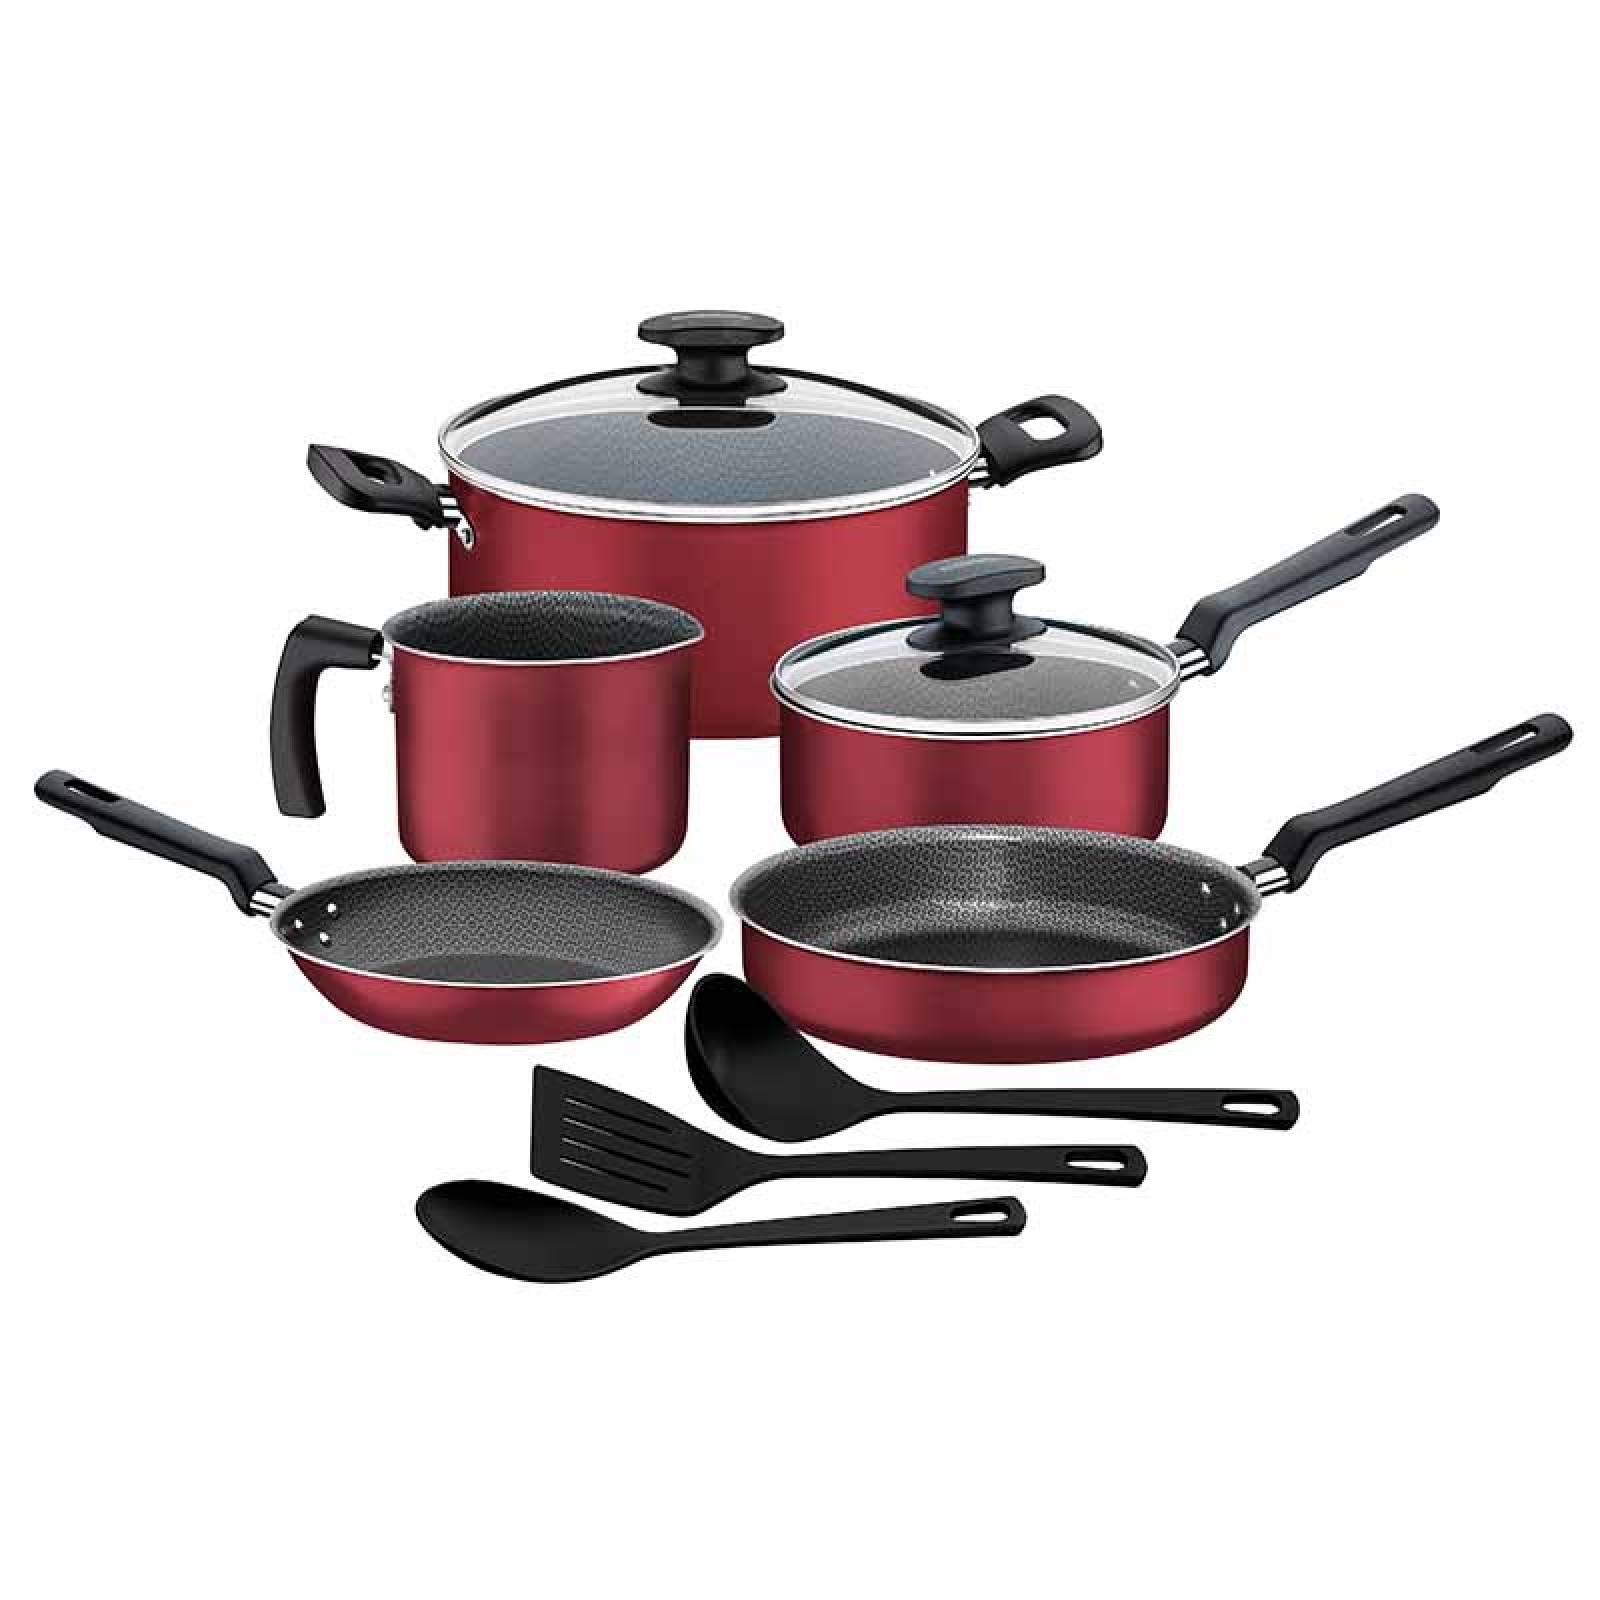 Batería De Cocina Verona Rojo 10 Piezas 27899098 Tramontina